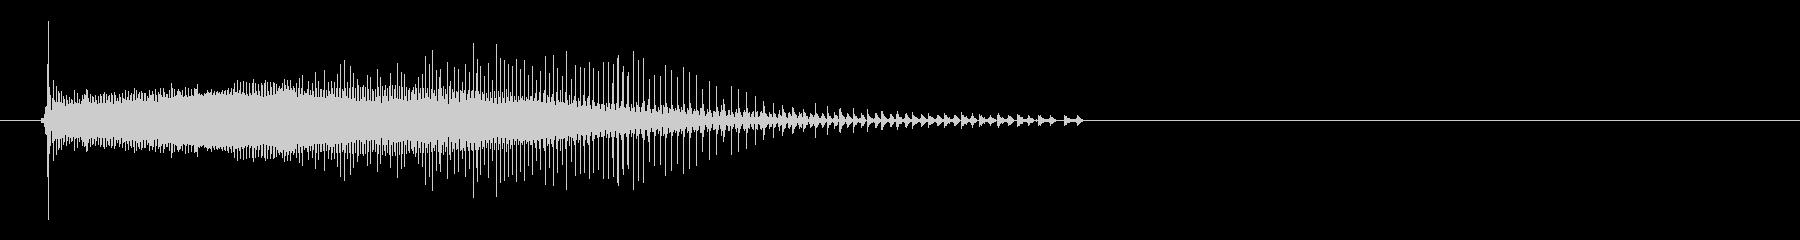 電気シェーバー4;ターンオンアンドダイ。の未再生の波形